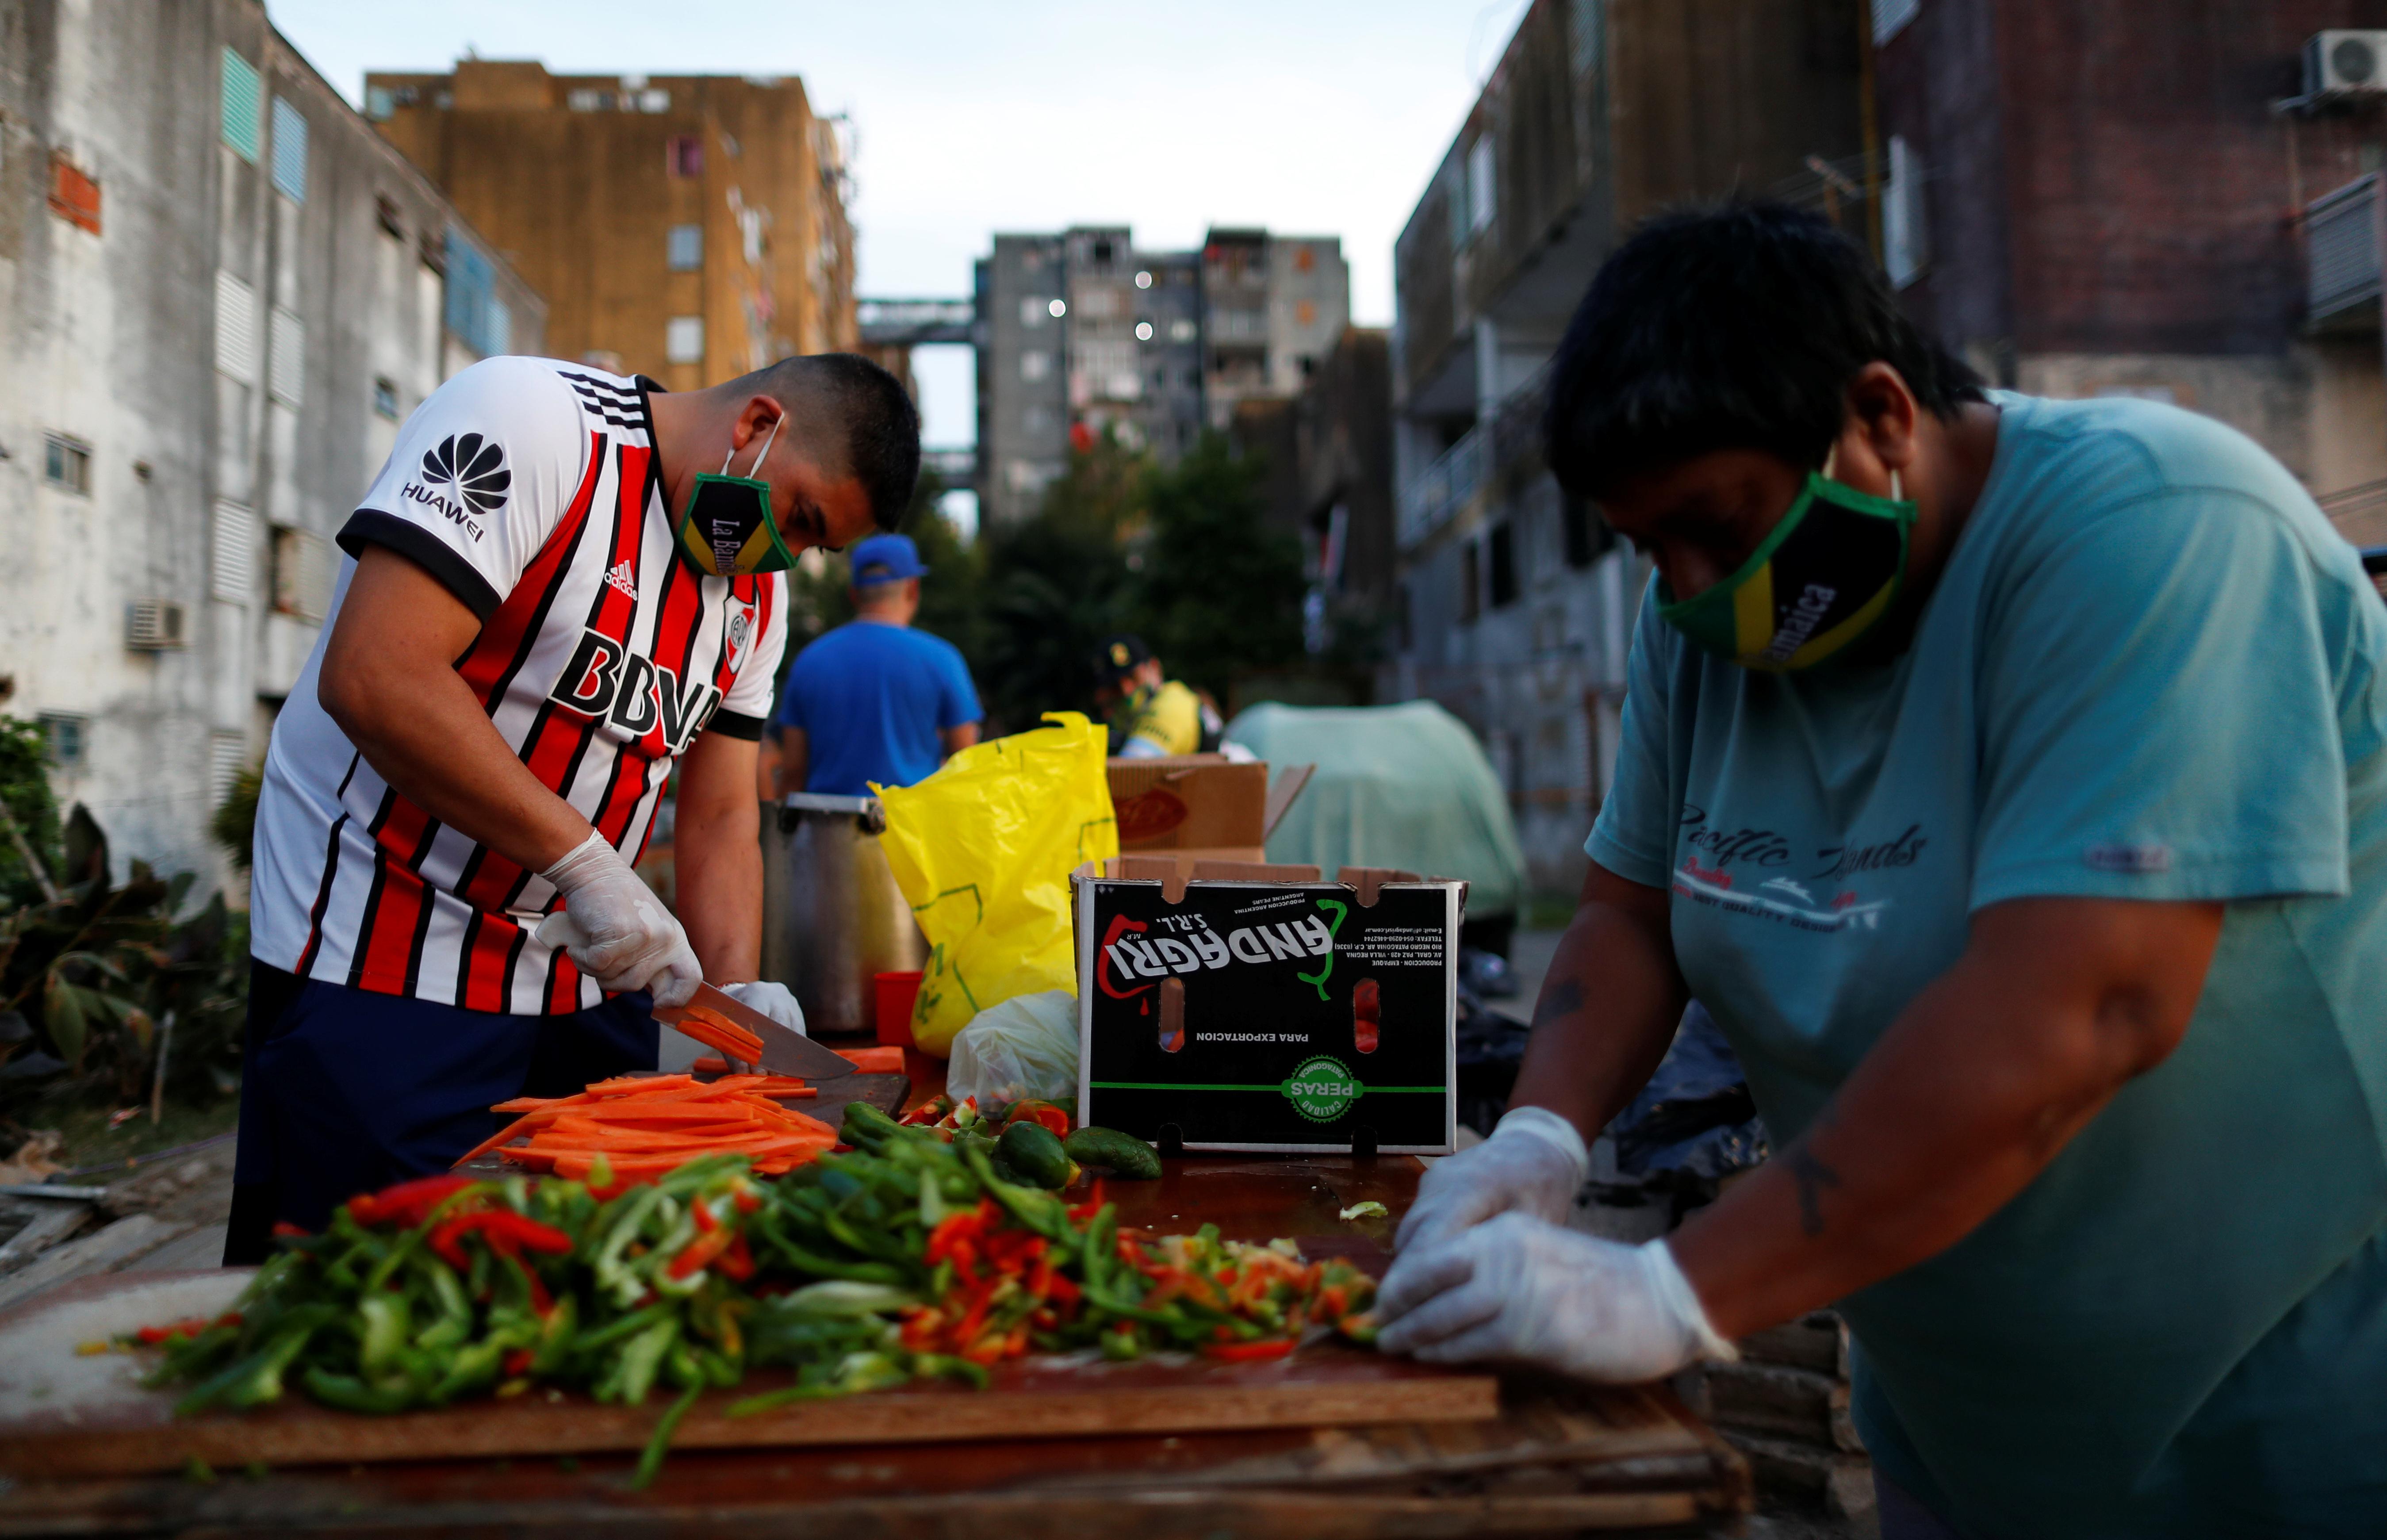 Un grupo de hombres de Fuerte Apache corta verduras para una olla popular. En ese barrio del Gran Buenos Aires, ubicado en el partido de Tres de Febrero, se produjo un hecho que sorprendió gratamente. Ante la llegada del Grupo Táctico de la Policía Bonaerense para patrullar sus calles, los vecinos los comenzaron a aplaudir.